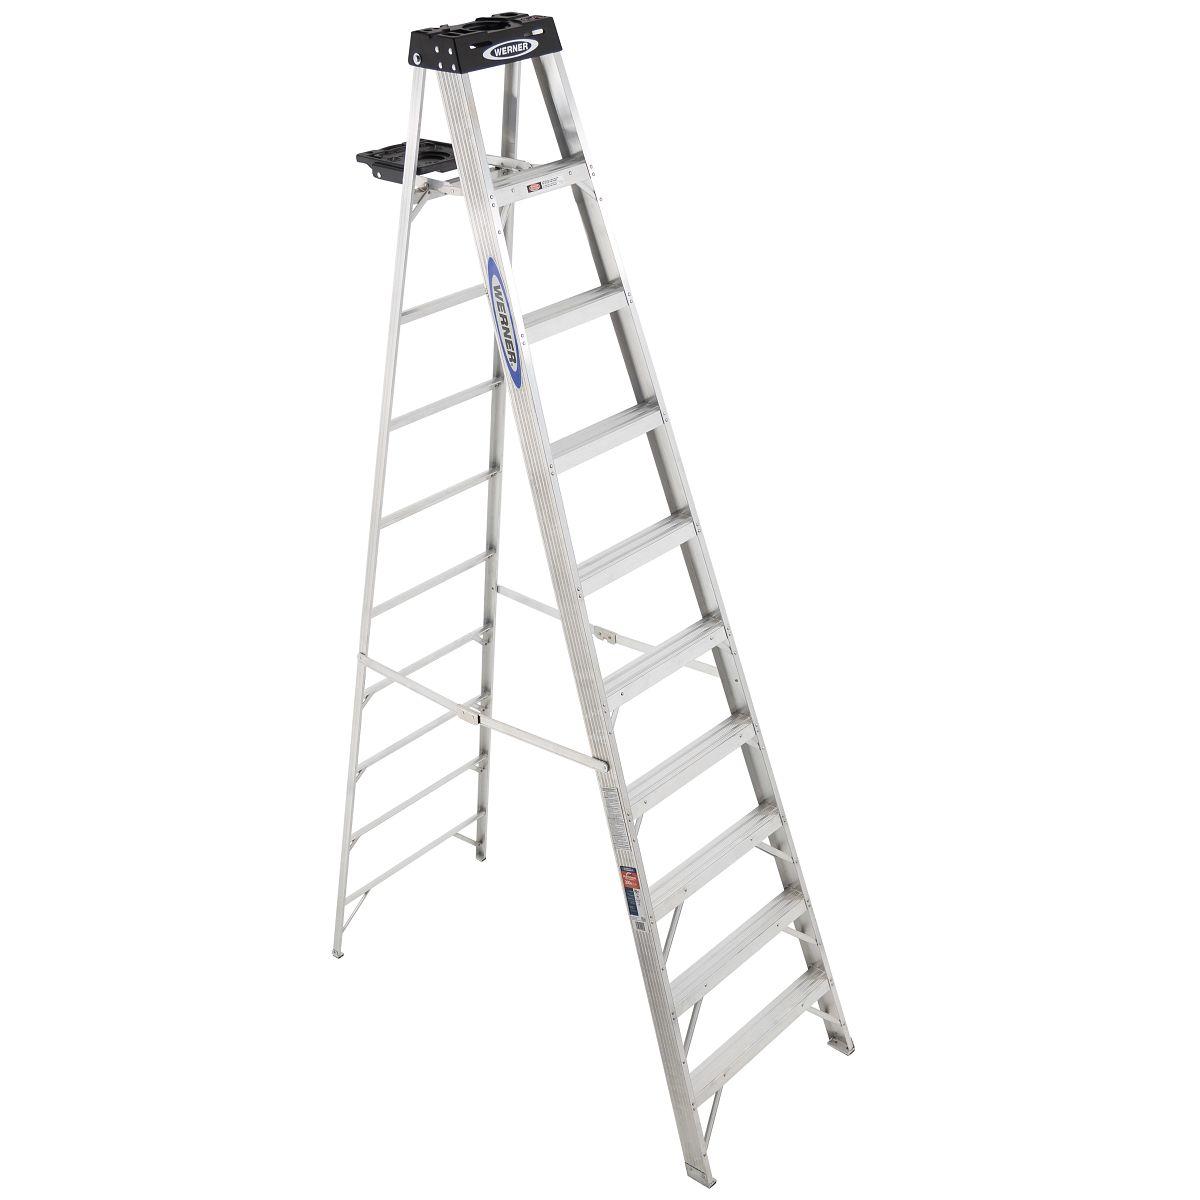 310ca Step Ladders Werner Ca